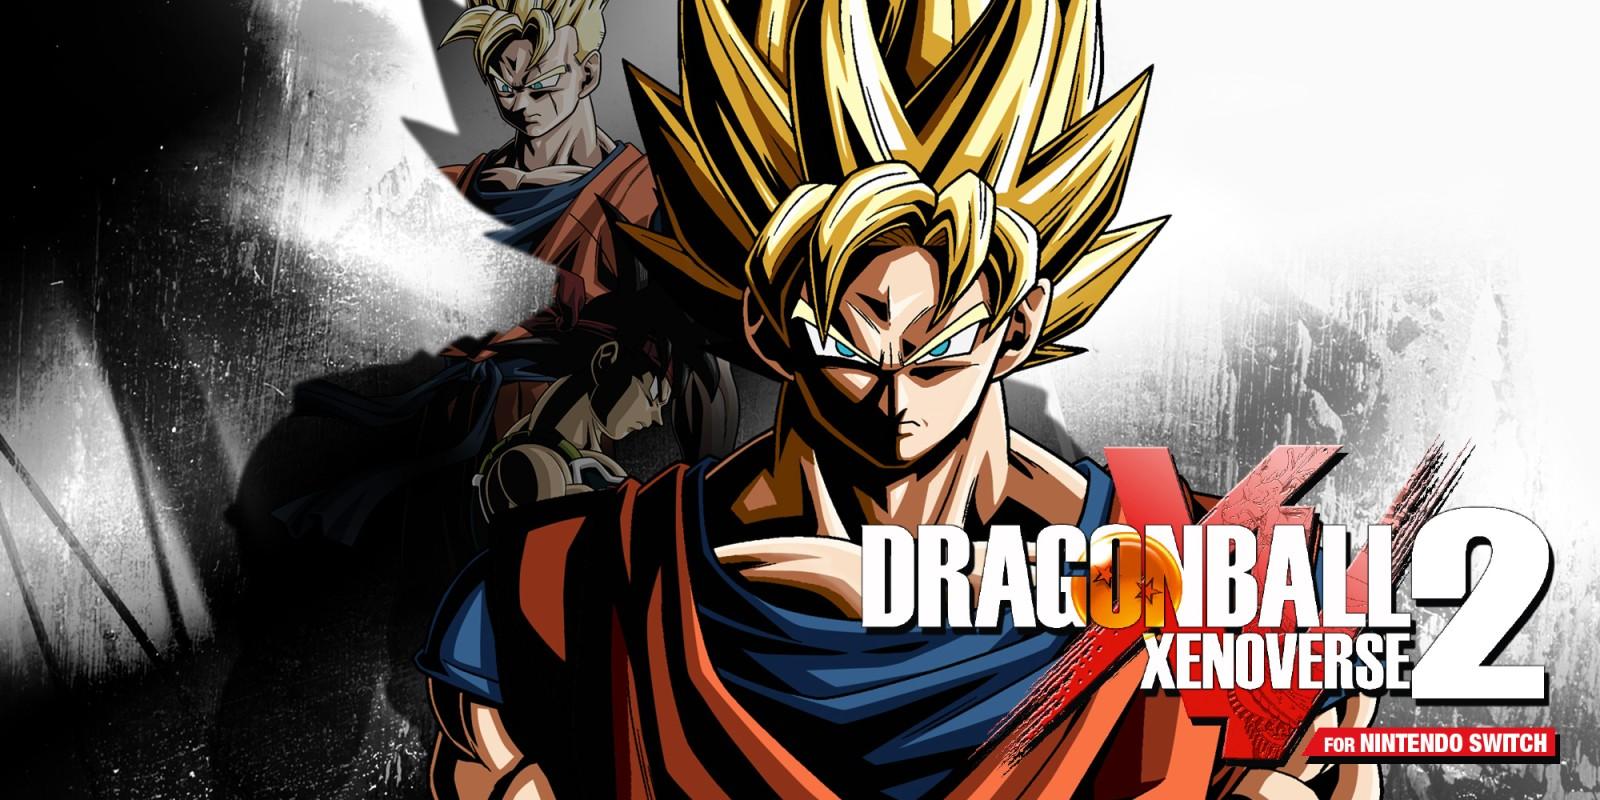 Vendas da versão de Switch de Dragon Ball: Xenoverse 2 dobraram no Japão em 2018